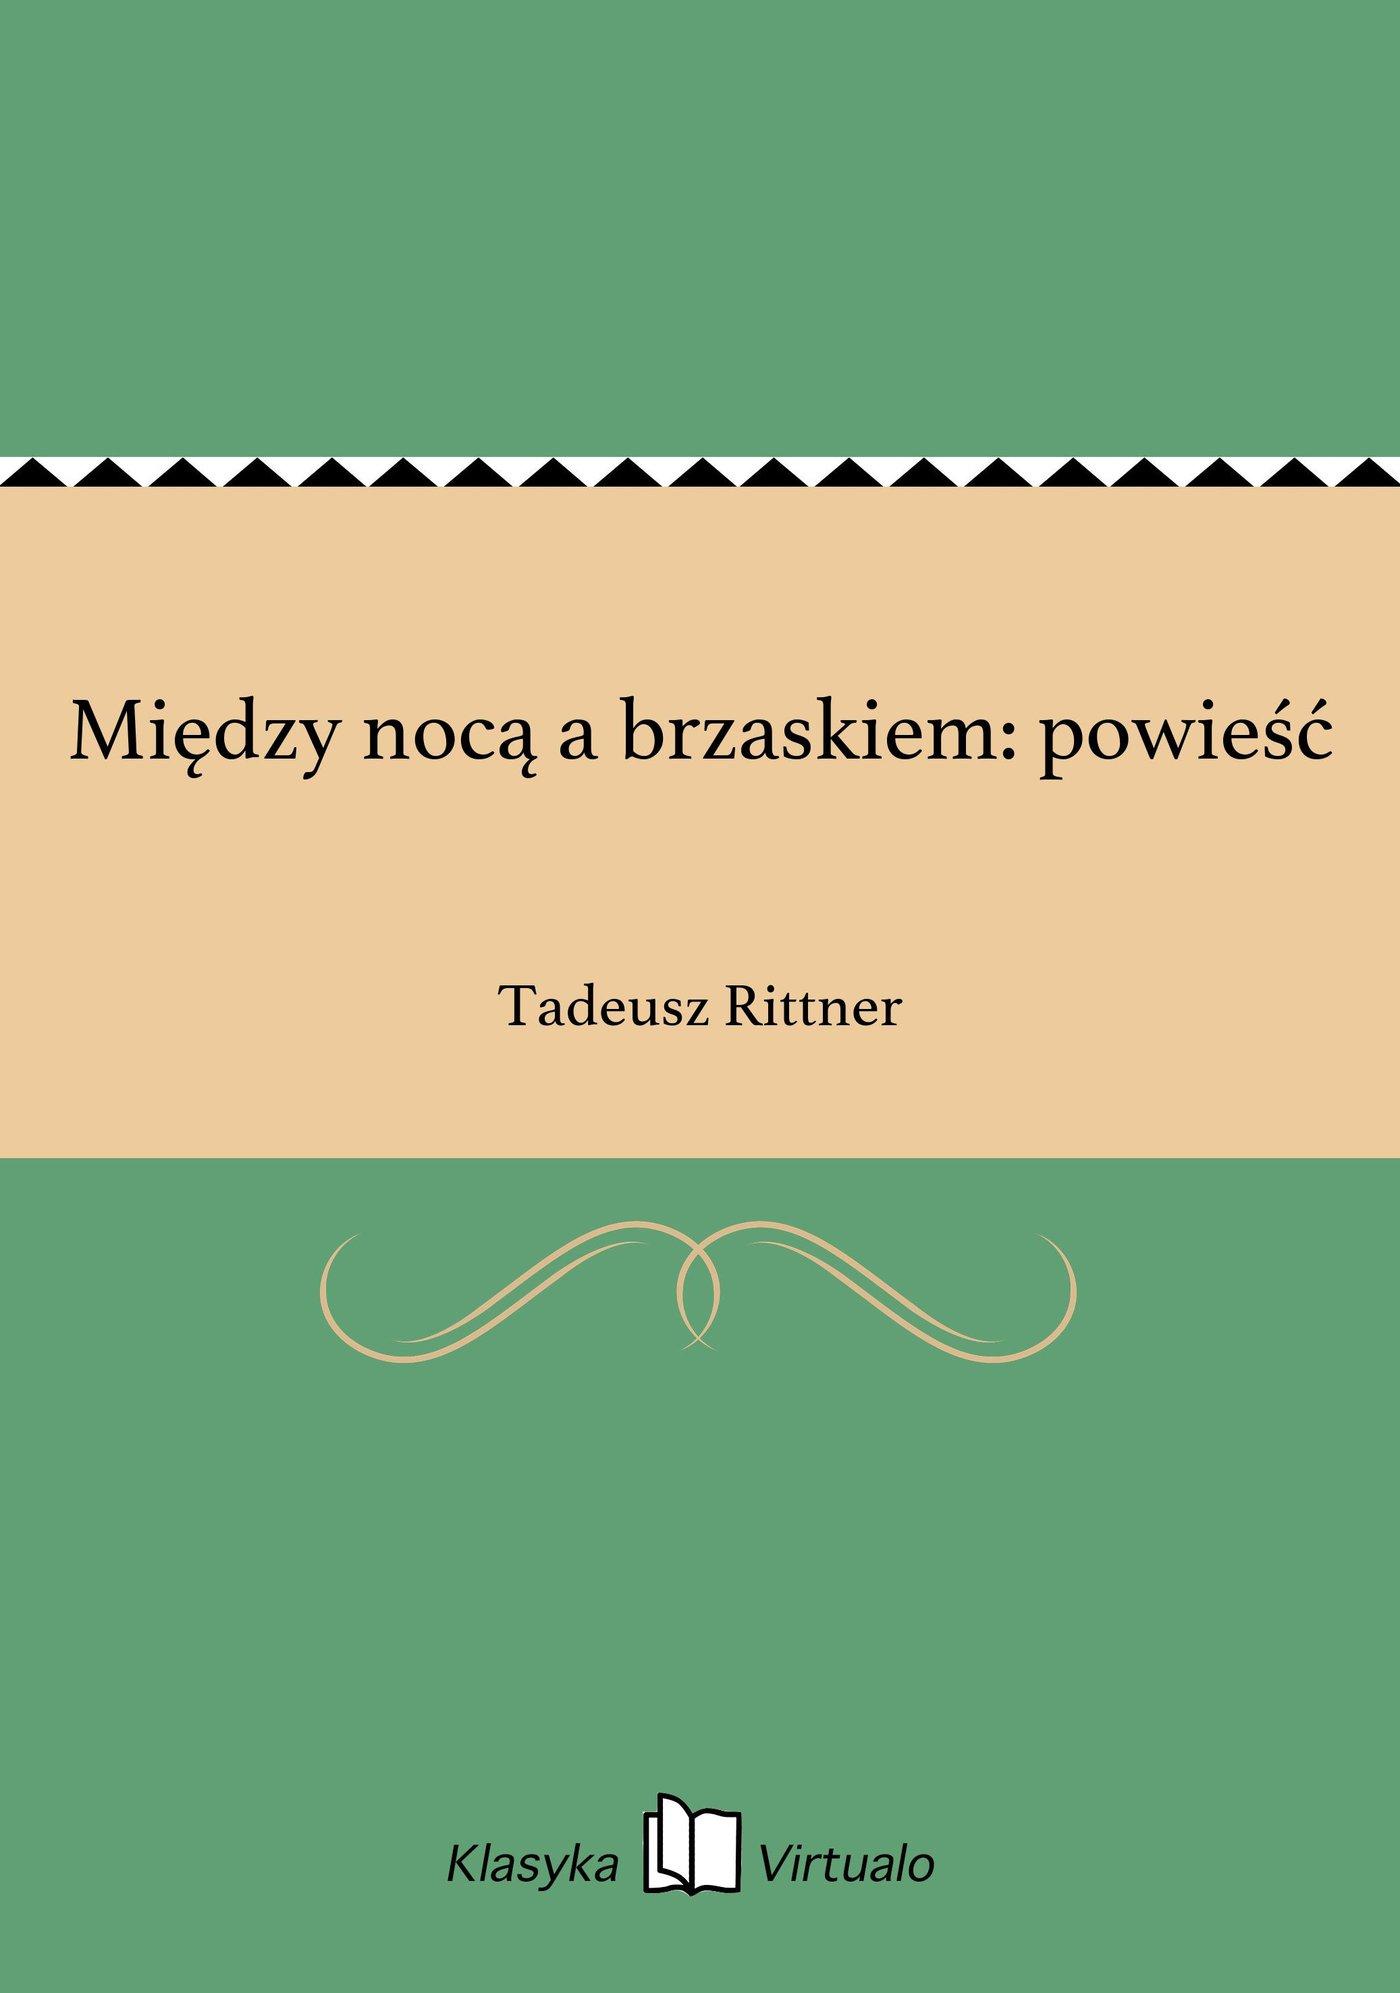 Między nocą a brzaskiem: powieść - Ebook (Książka EPUB) do pobrania w formacie EPUB